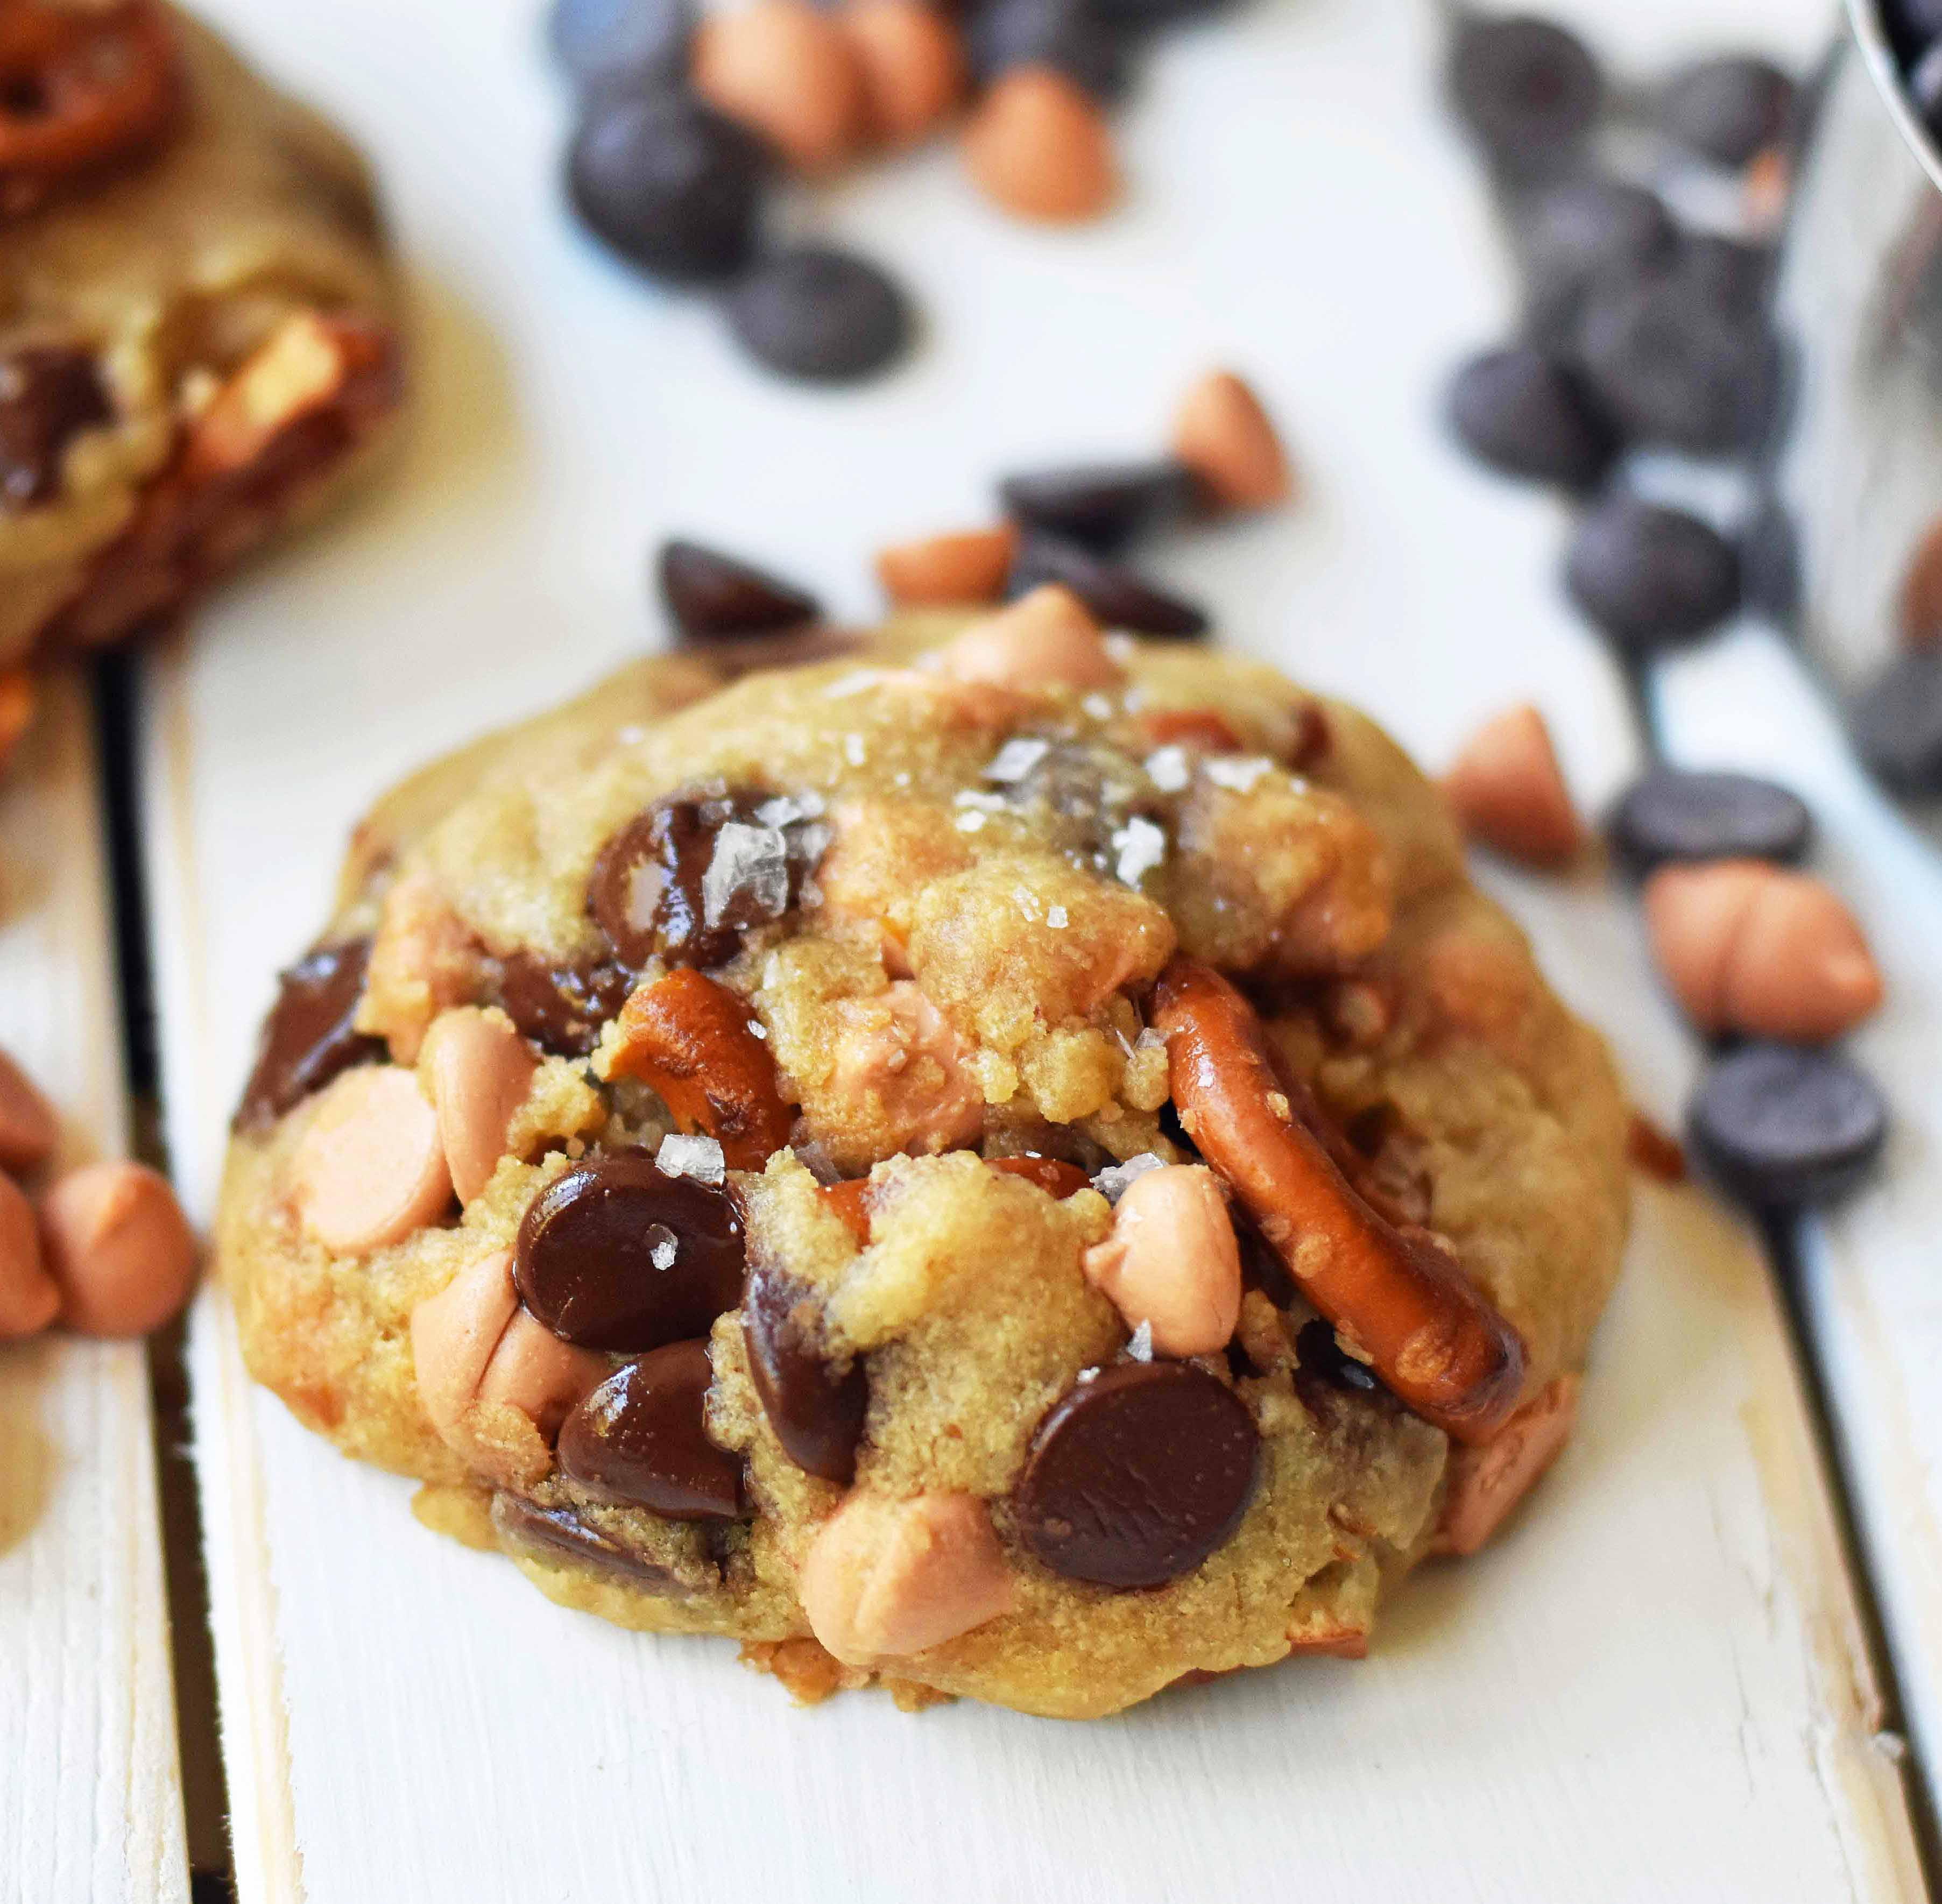 Sea Salt Butterscotch Pretzel Cookies. Soft chewy butterscotch pretzel cookie recipe. www.modernhoney.com #butterscotchcookies #pretzelcookies #butterscotchpretzelcookies